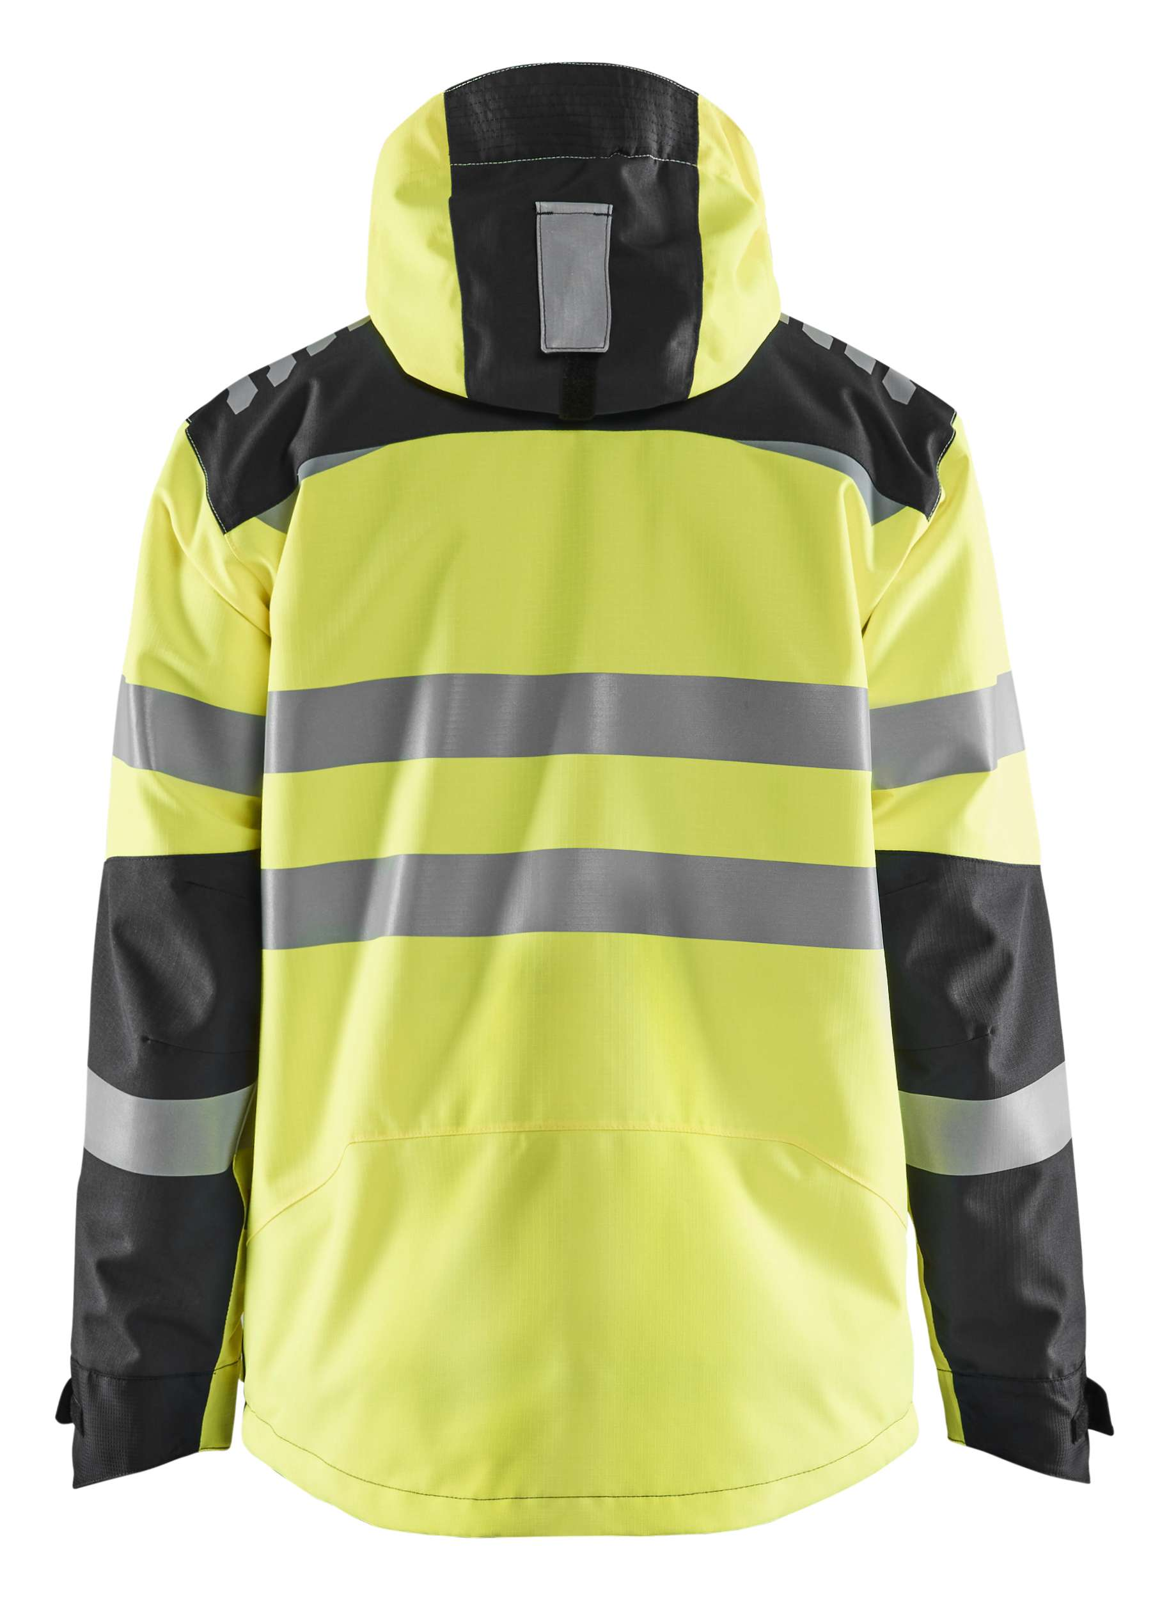 Blaklader Jassen 44961918 fluo geel-zwart(3399)